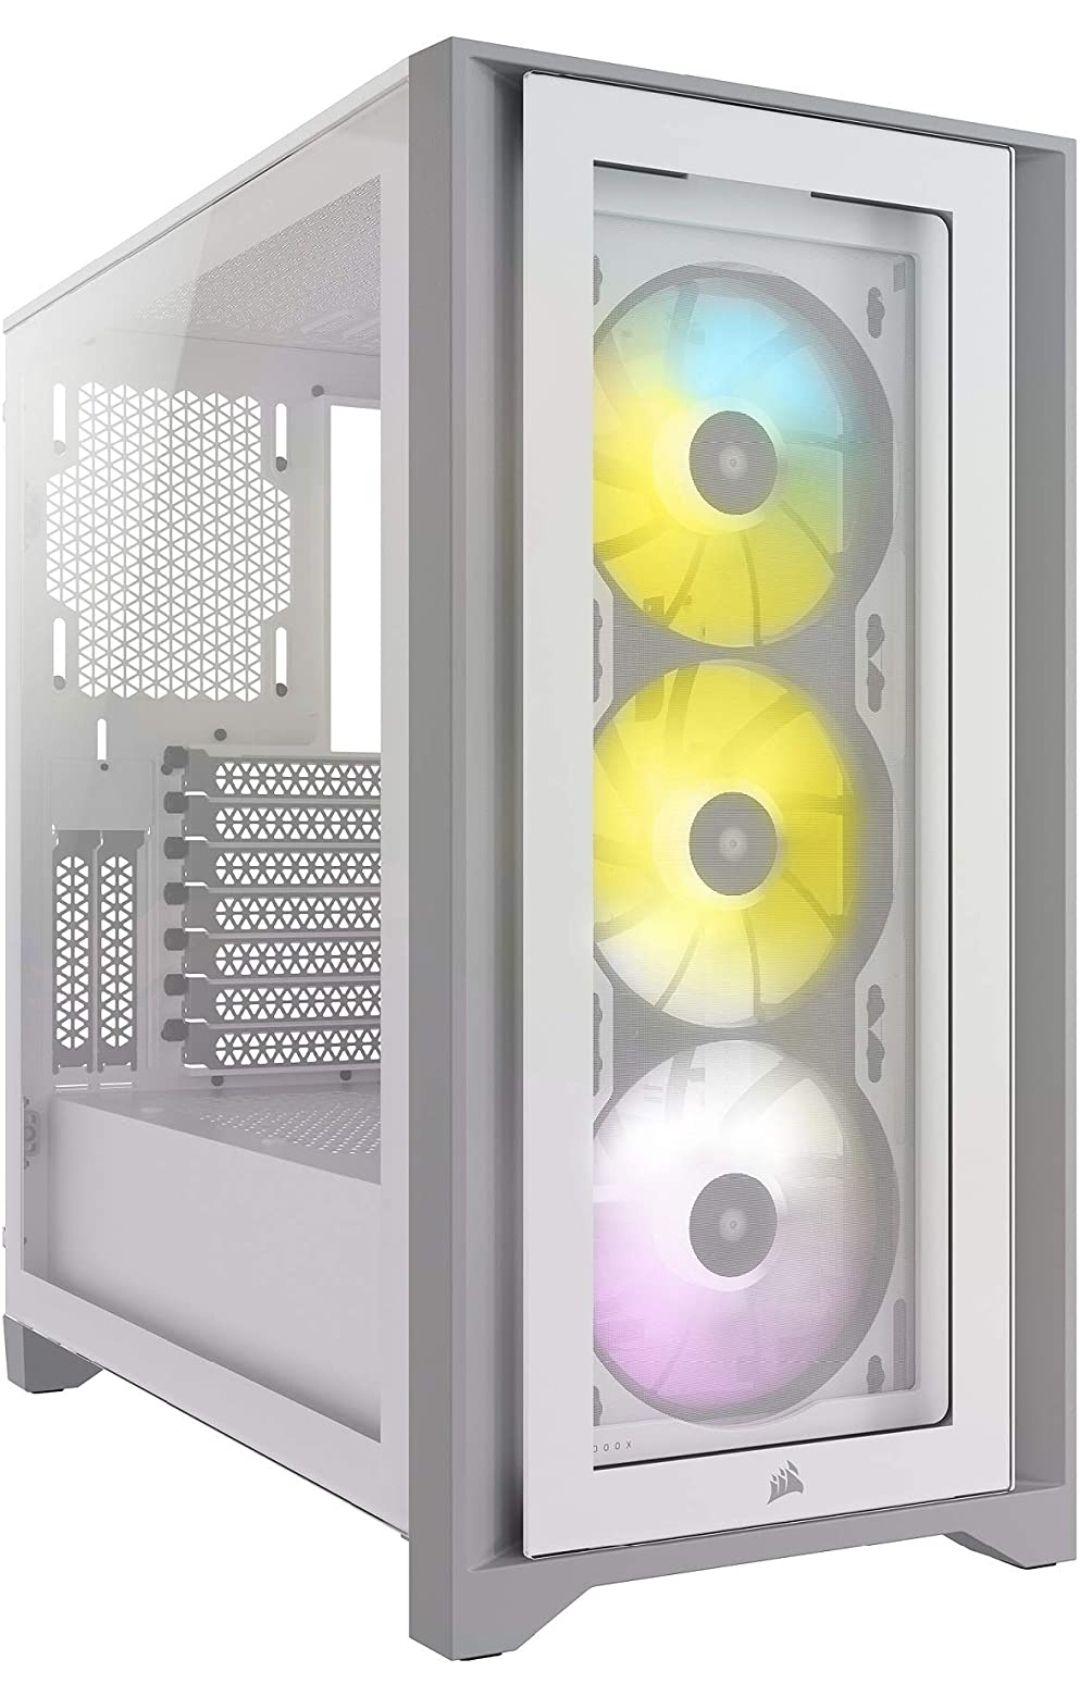 Boitier PC Corsair iCUE 4000X RGB - 3 Ventilateurs RGB 120mm Inclus, Verre Trempé, Blanc (Frais d'importation et de port inclus)